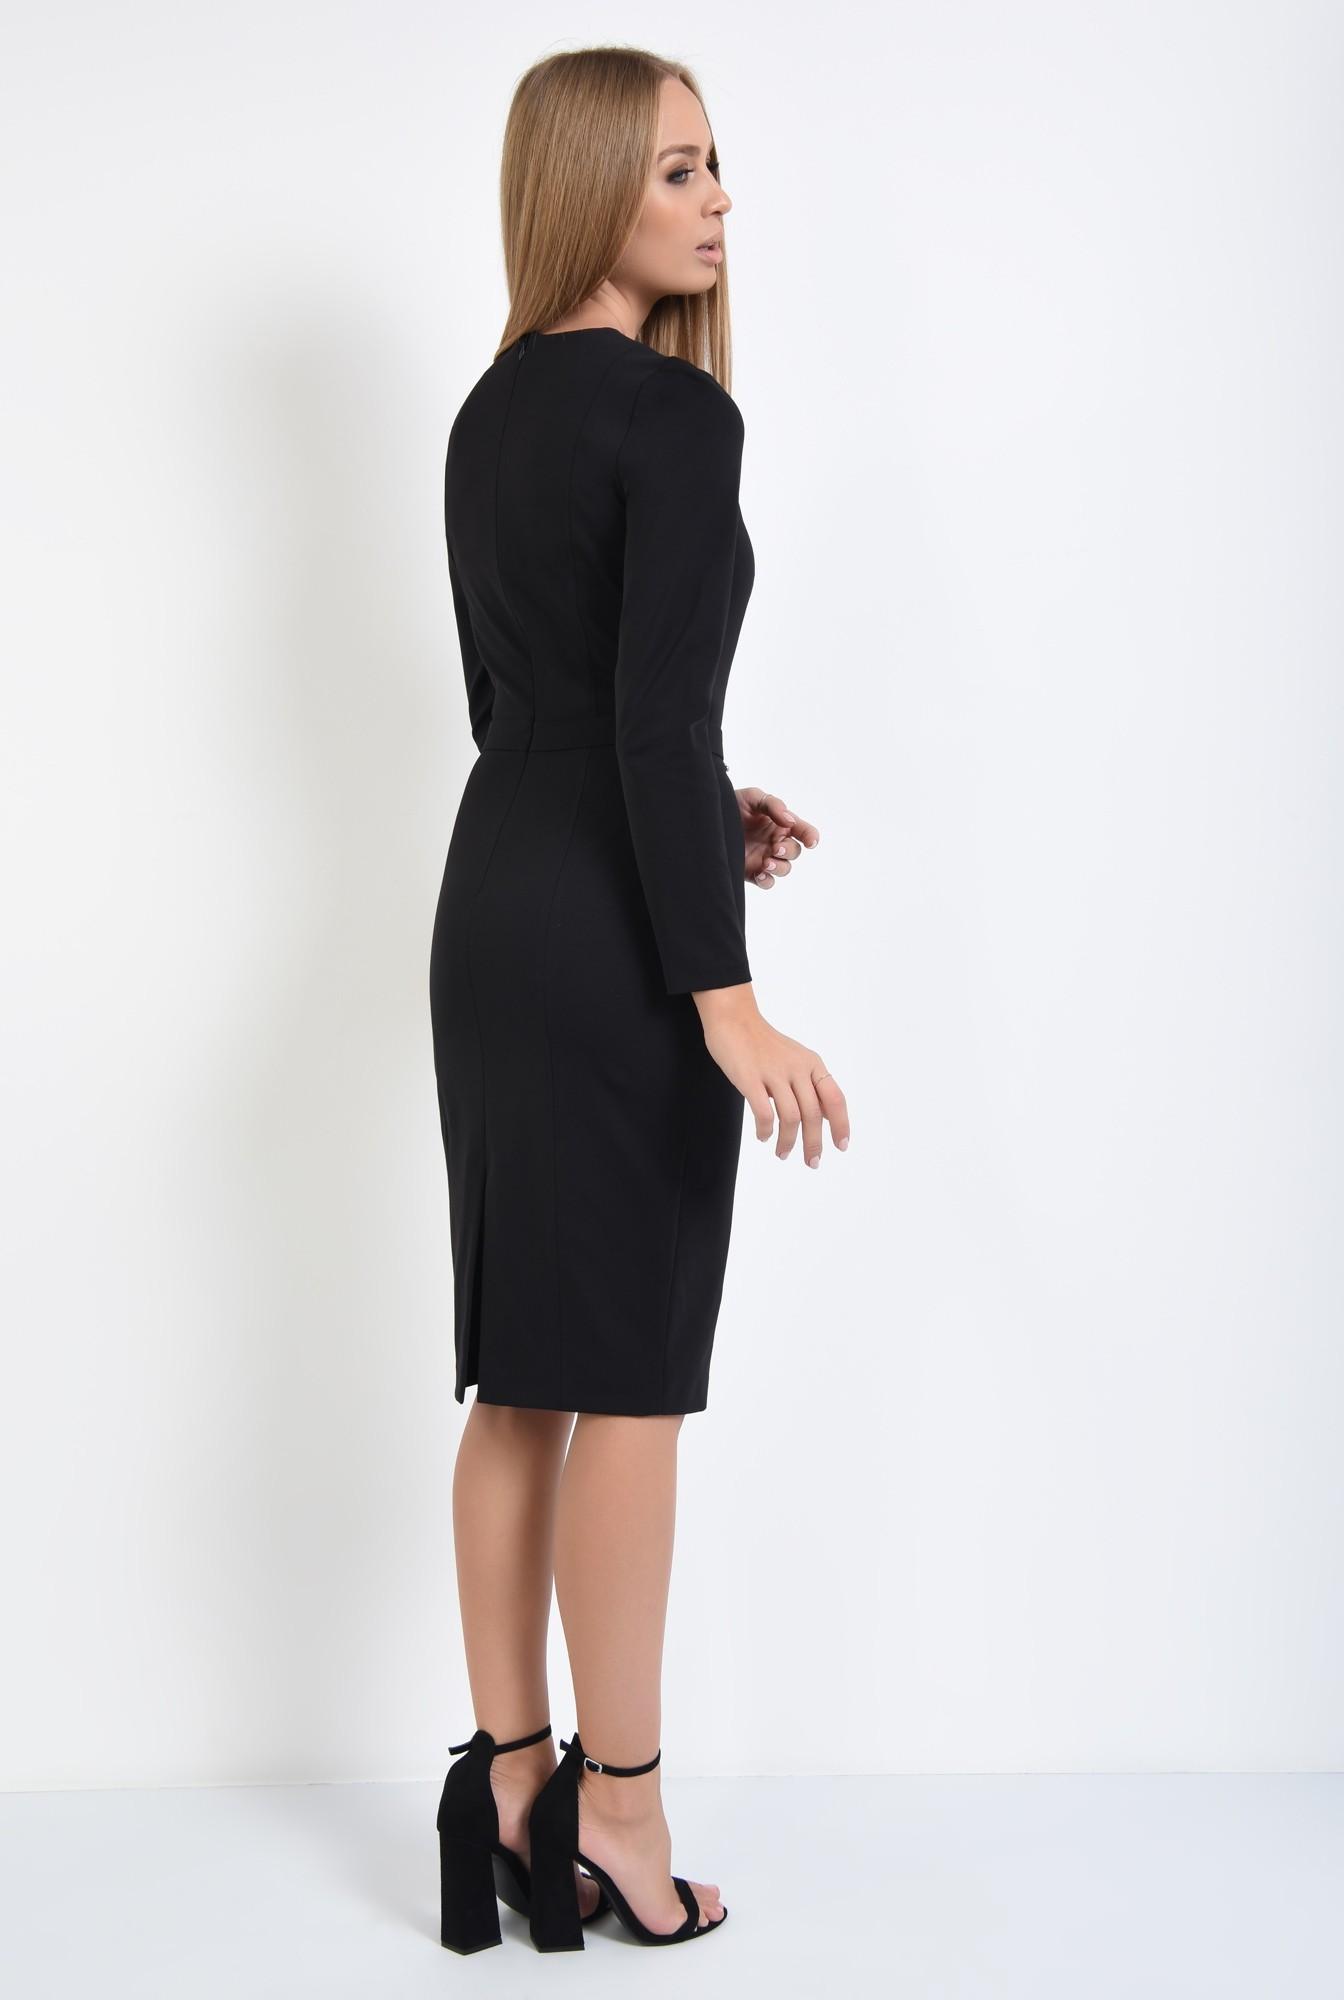 1 - 360 - rochie casual neagra, cusaturi decorative, decolteu rotund la baza gatului